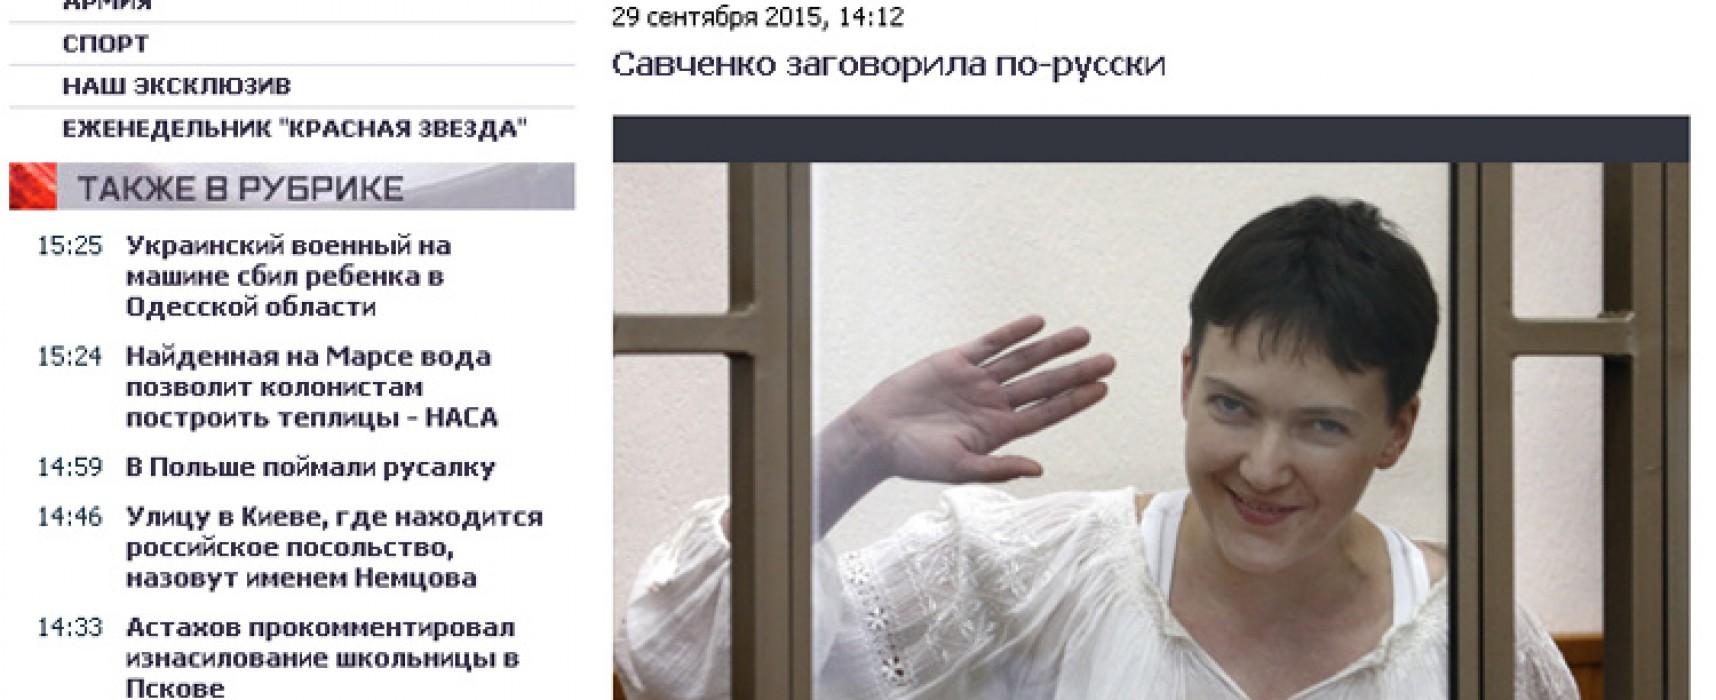 Российские и сепаратистские СМИ исказили заявление Надежды Савченко